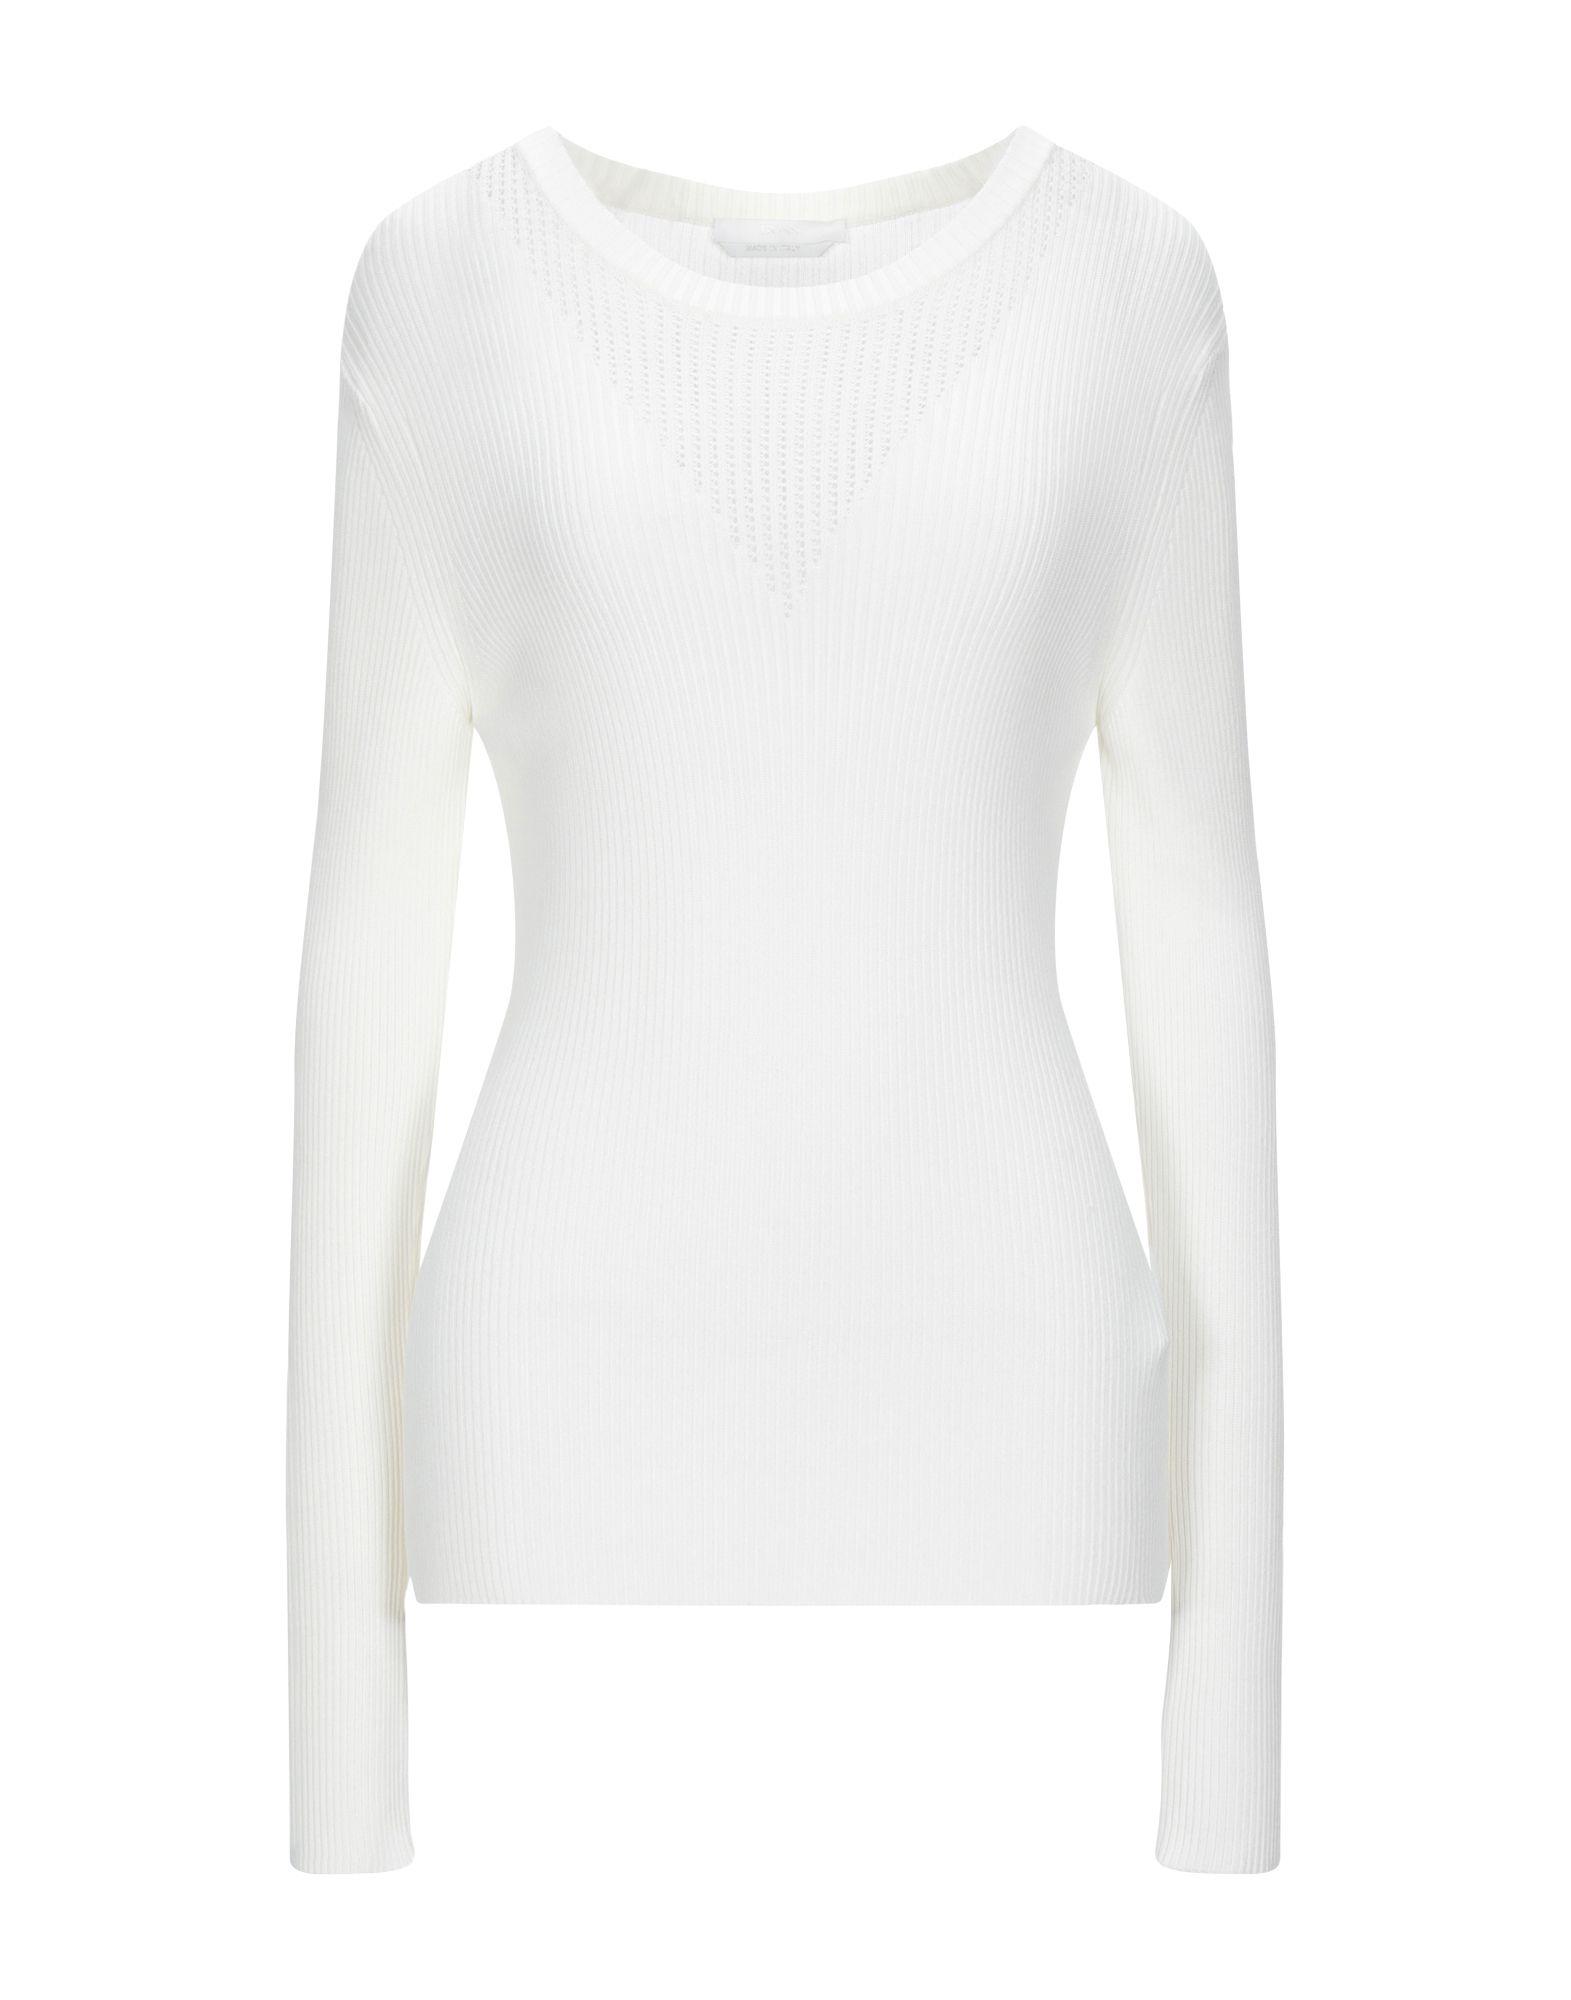 BOSS HUGO BOSS Sweaters - Item 14081103